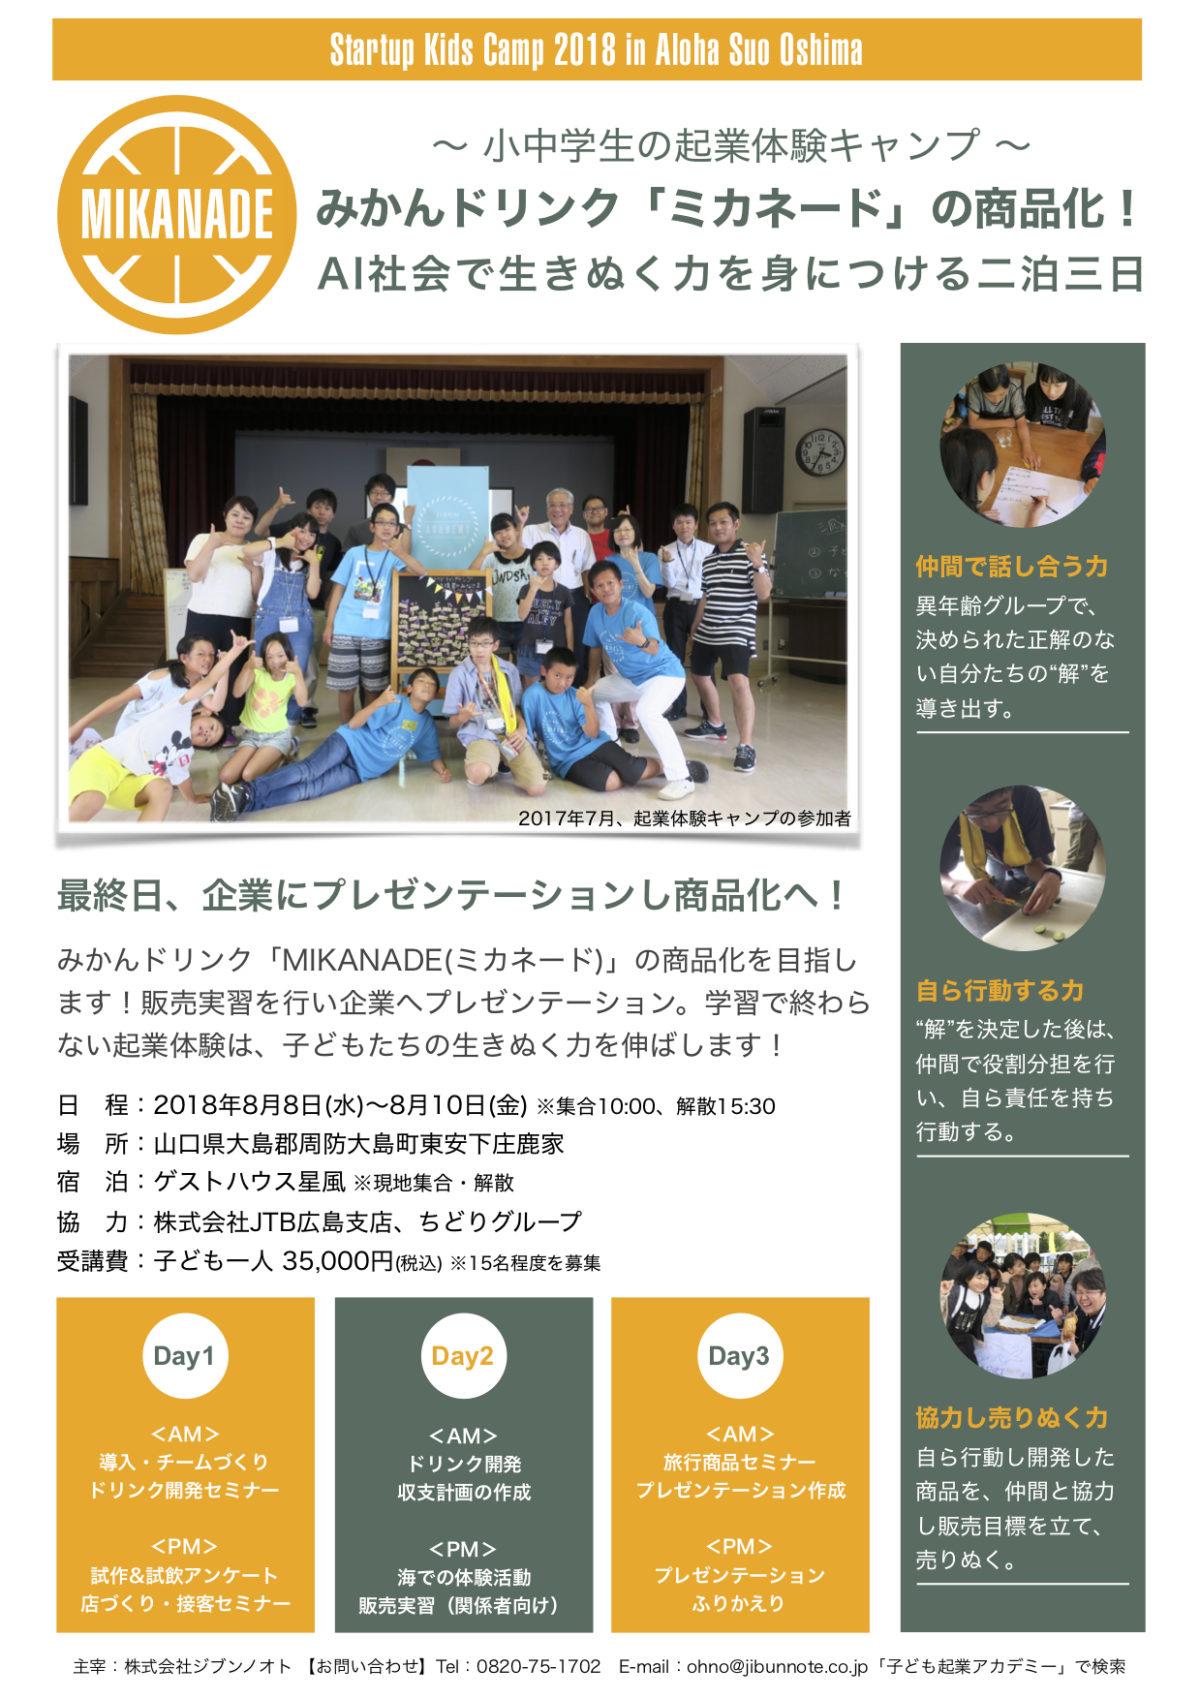 起業体験キャンプ2018